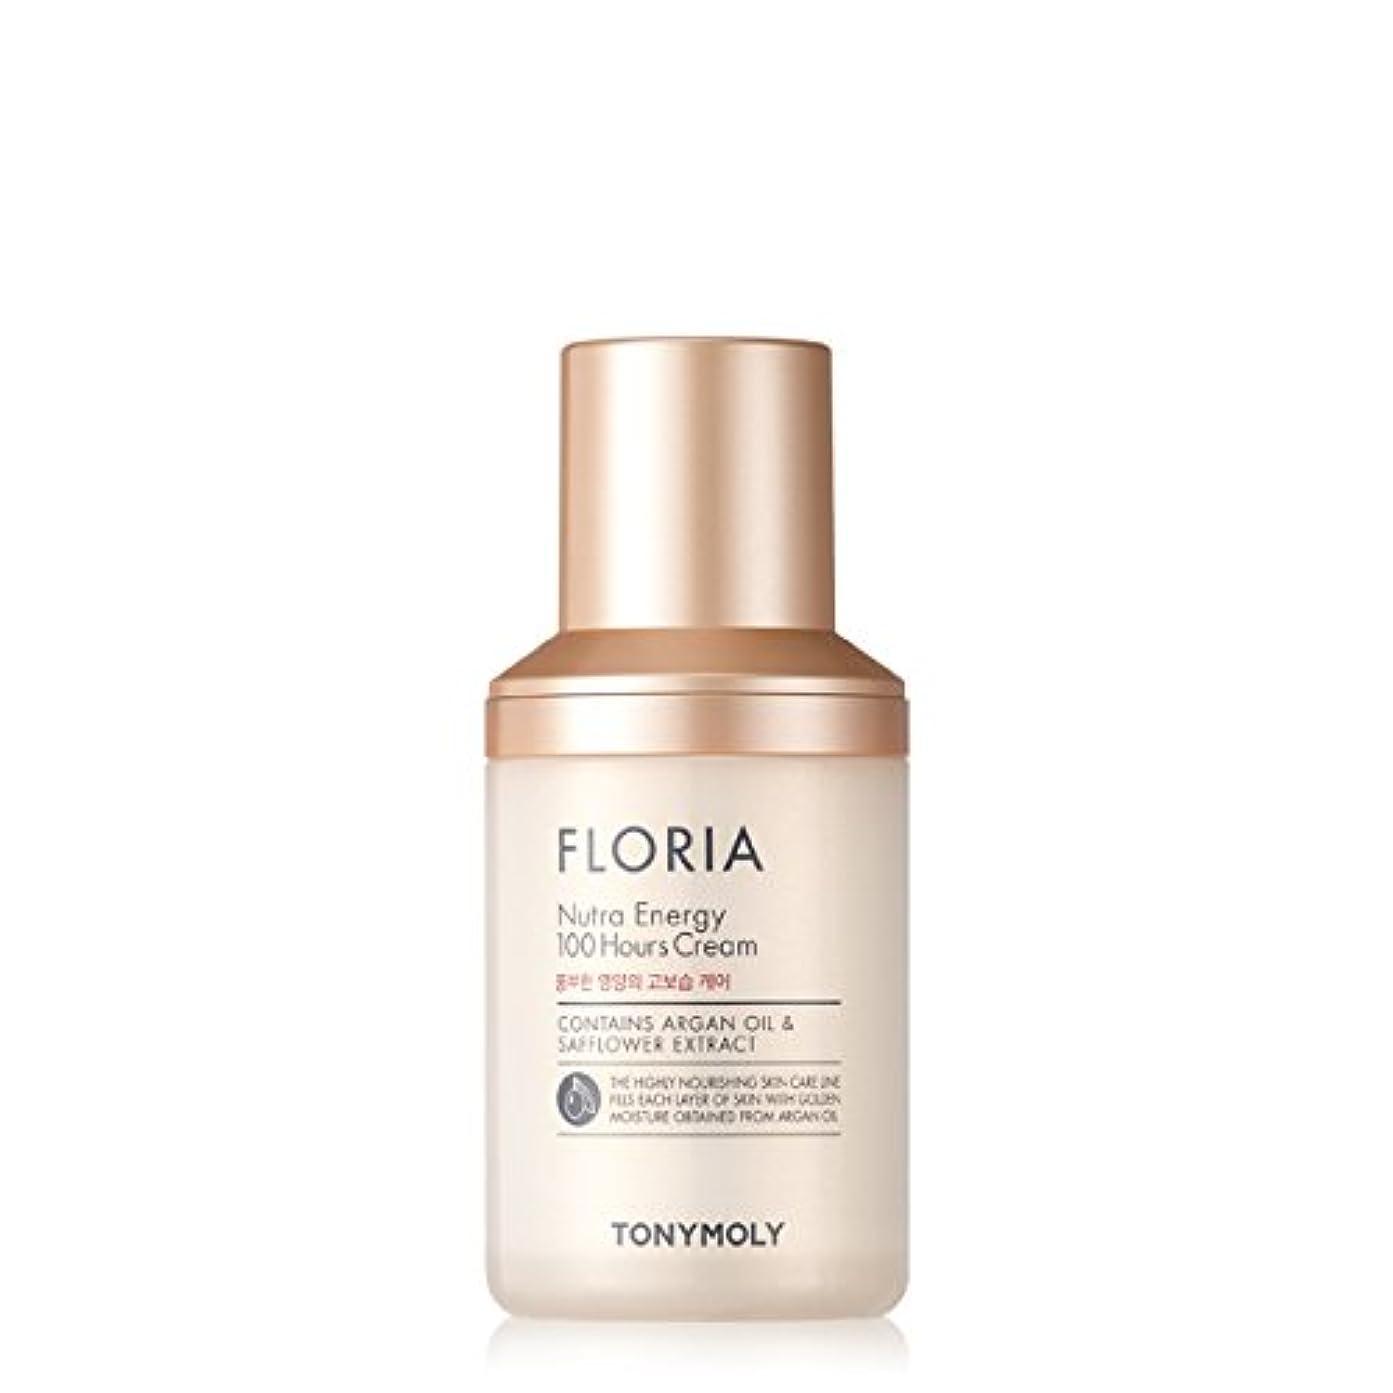 平方しつけ試み[NEW] TONY MOLY Floria Nutra energy 100 hours Cream 50ml トニーモリー フローリア ニュートラ エナジー 100時間 クリーム 50ml [並行輸入品]